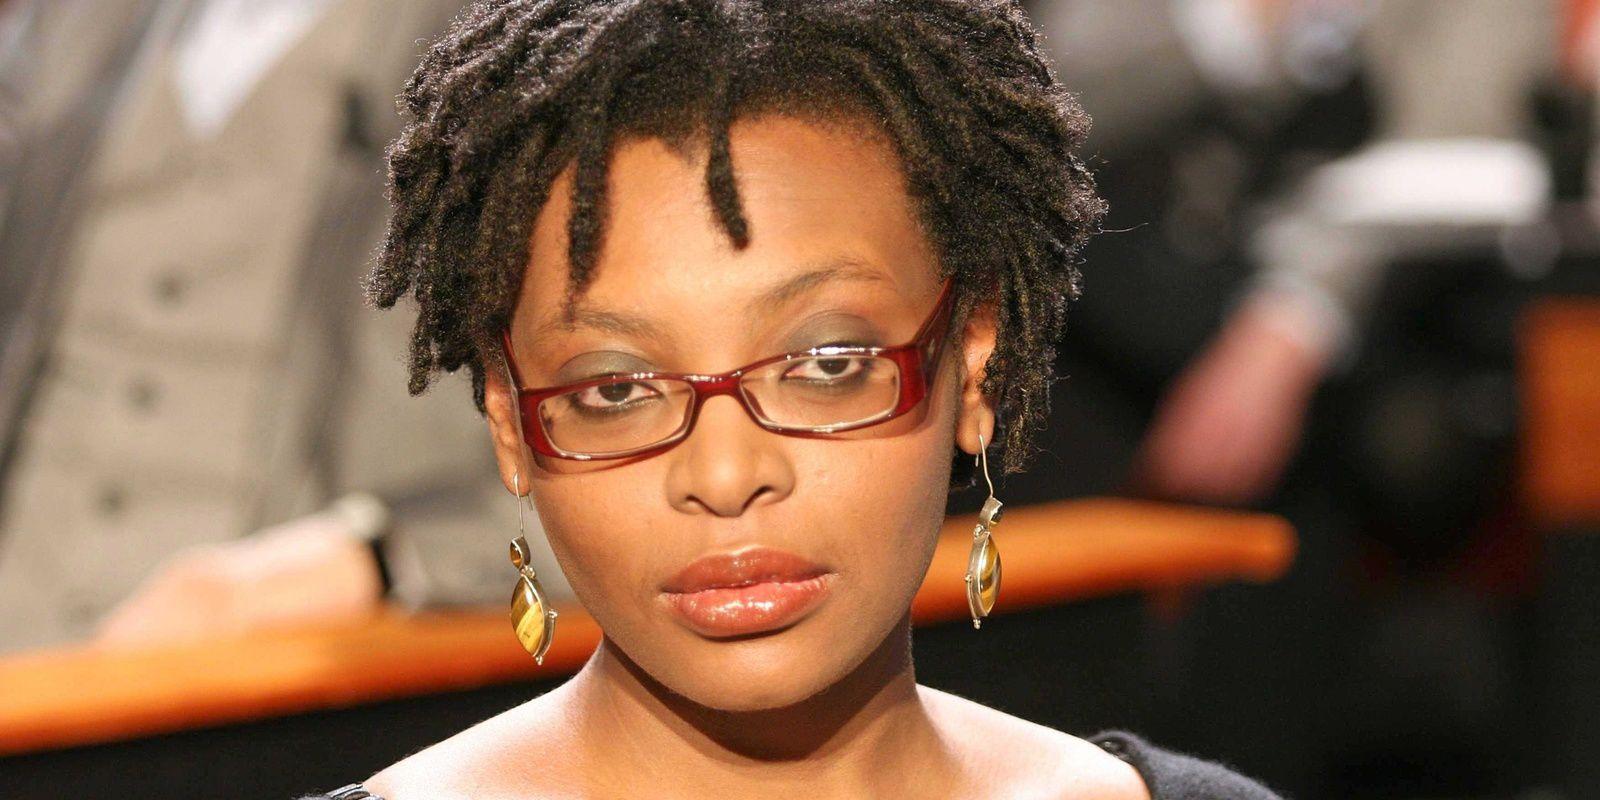 Léonora Miano, une France-camerounaise, une auteure qui dérange ()()()